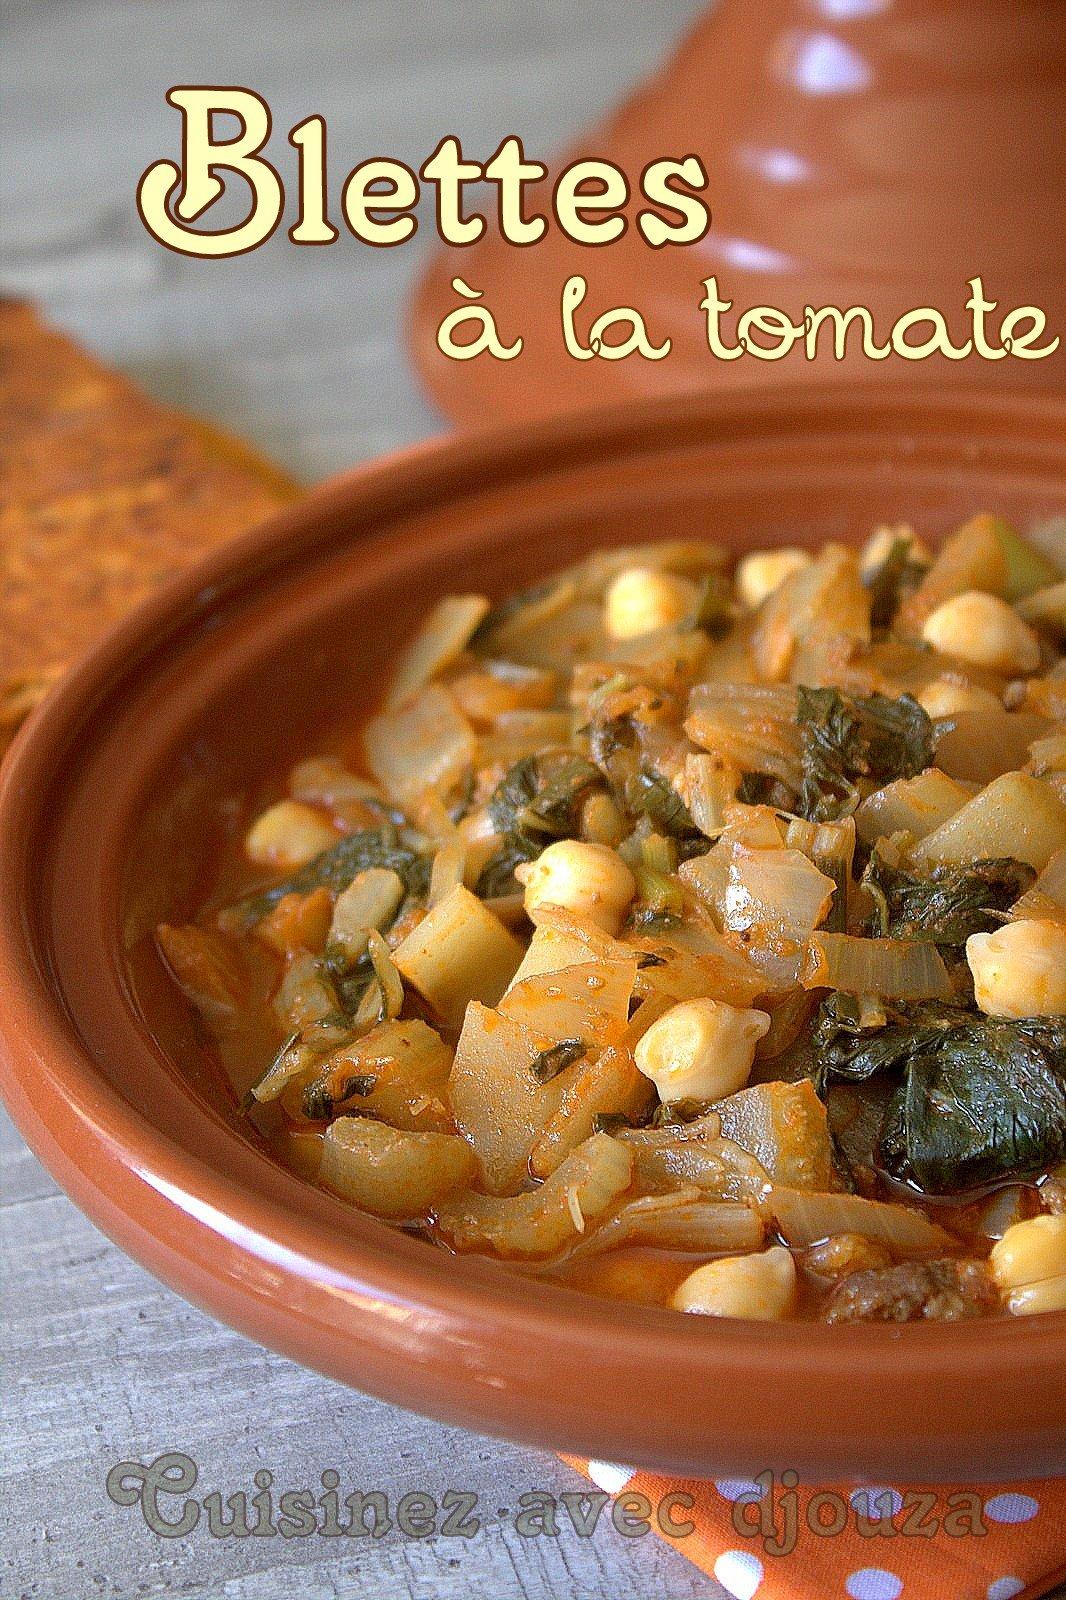 Recette de blettes l 39 alg rienne recettes faciles recettes rapides de djouza - Recette de cuisine algerienne gratins ...